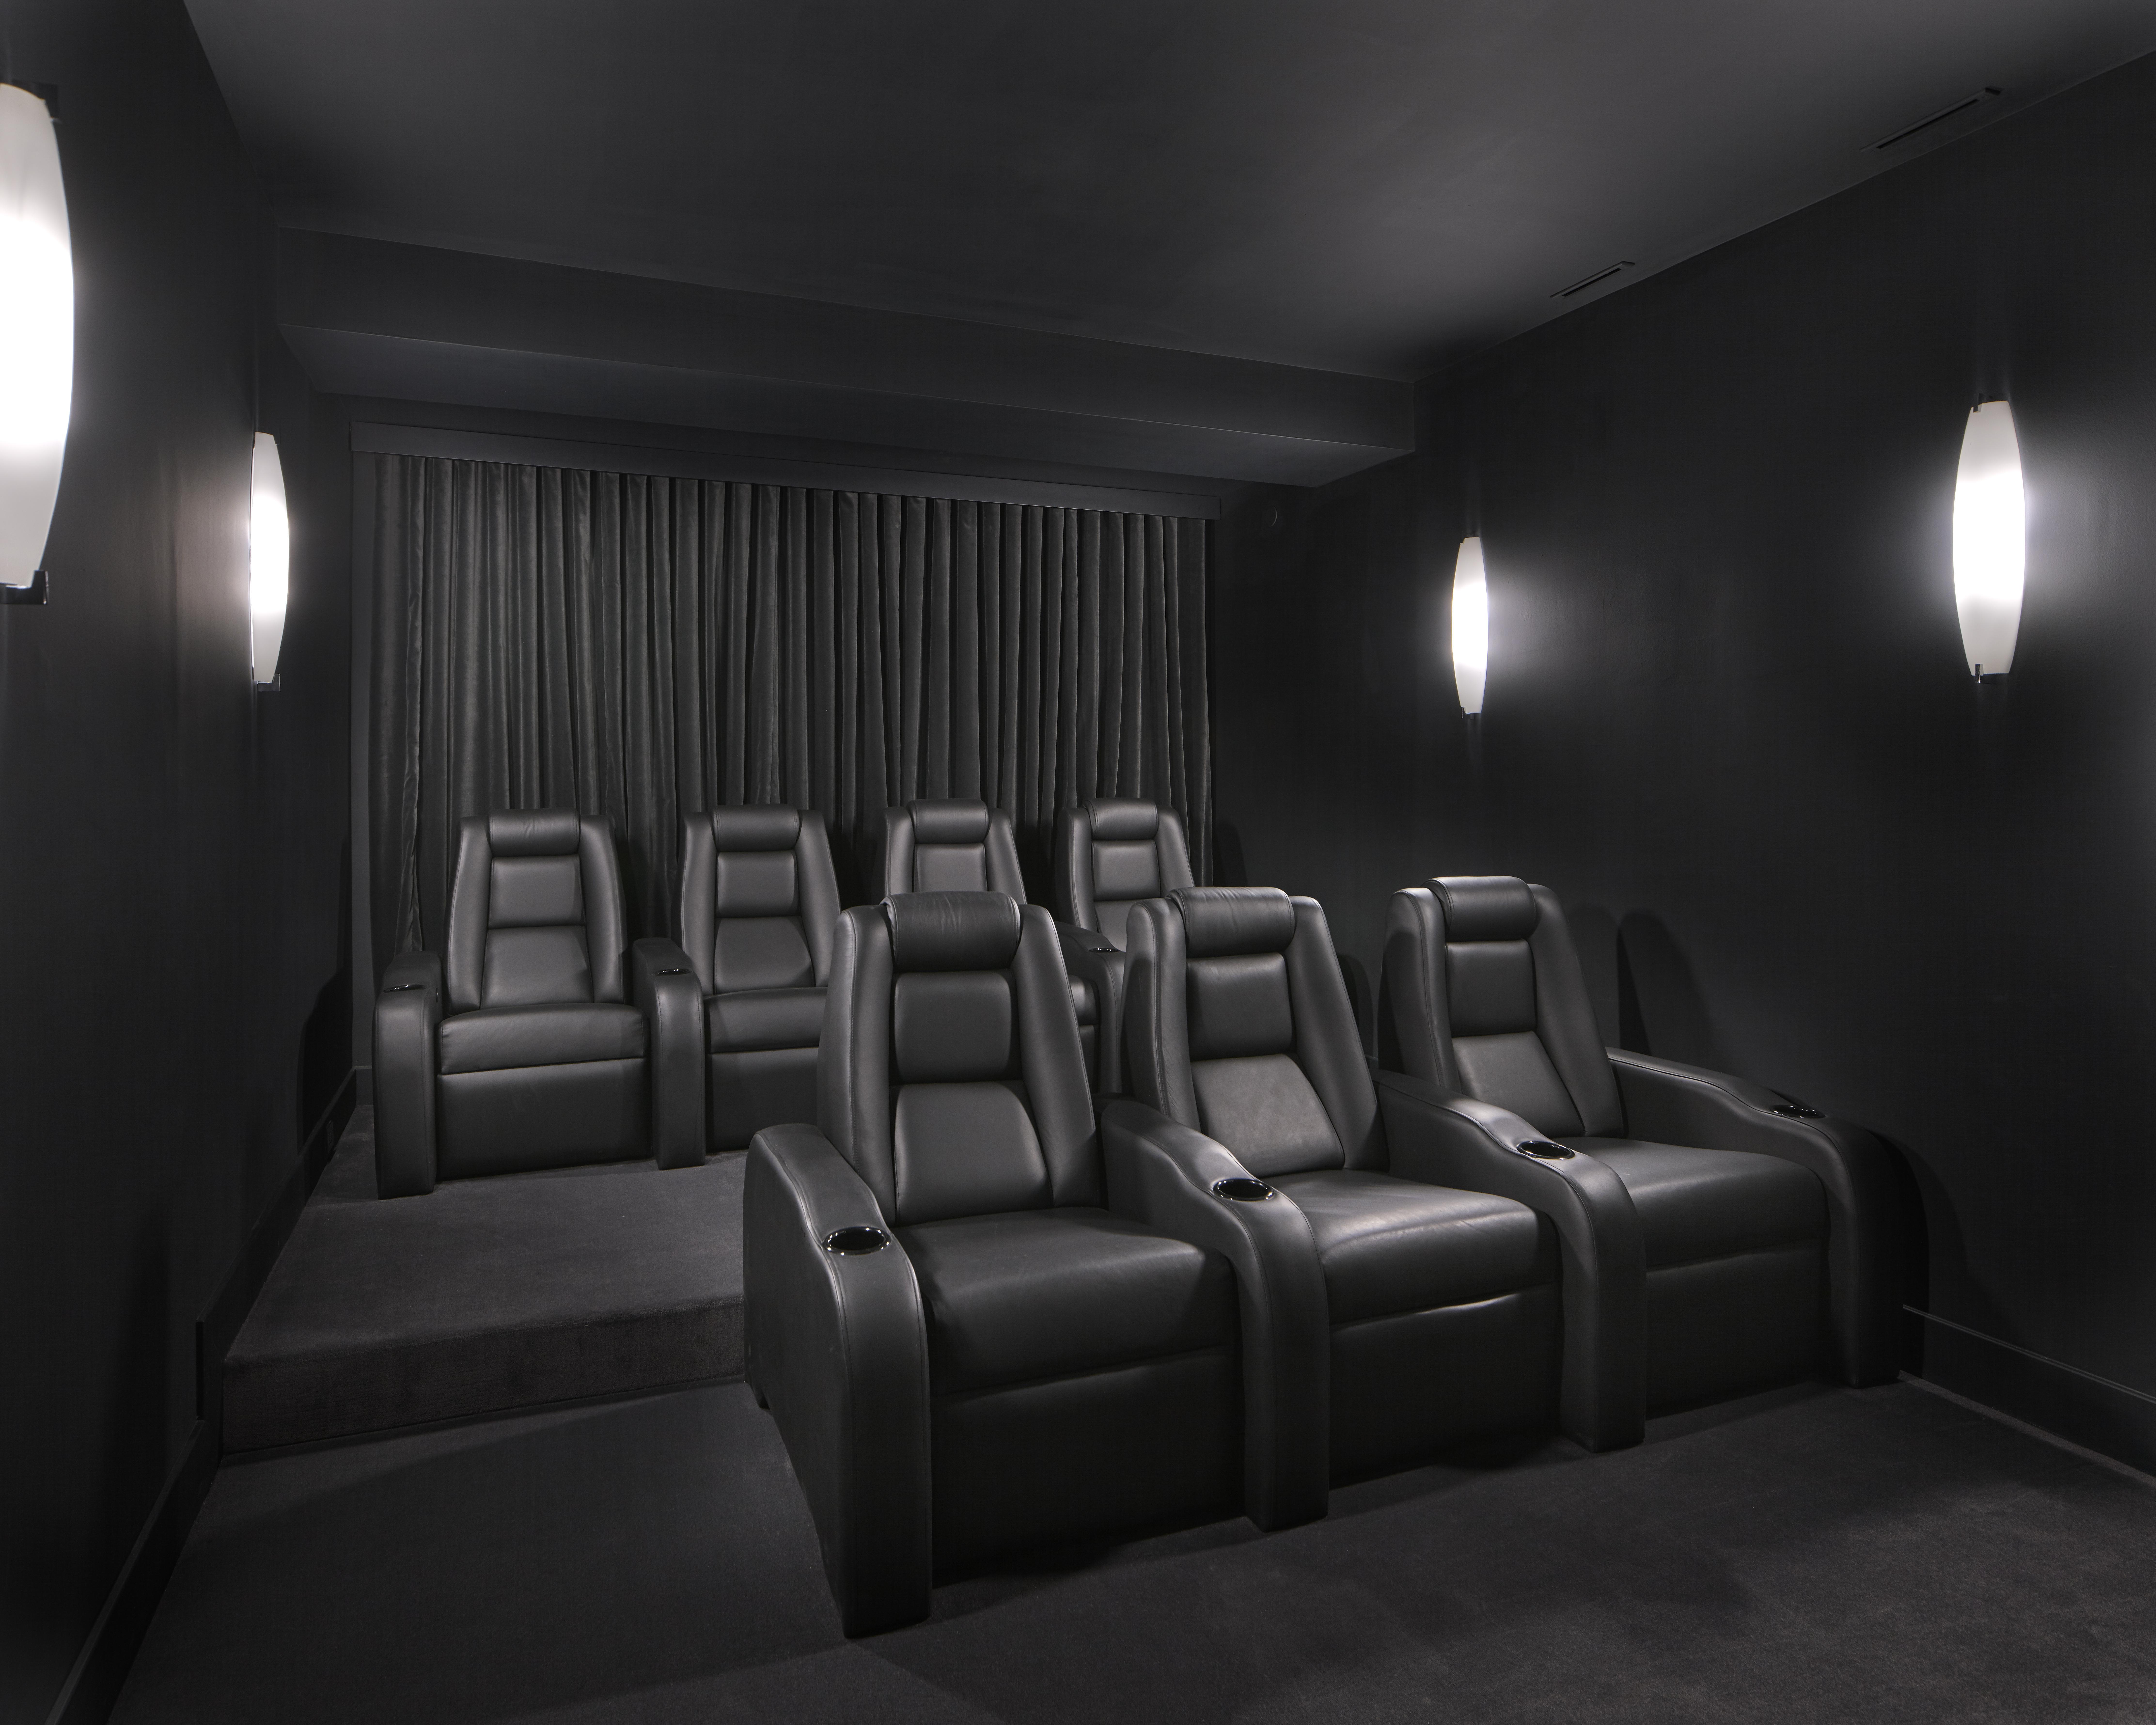 RS - Cinema